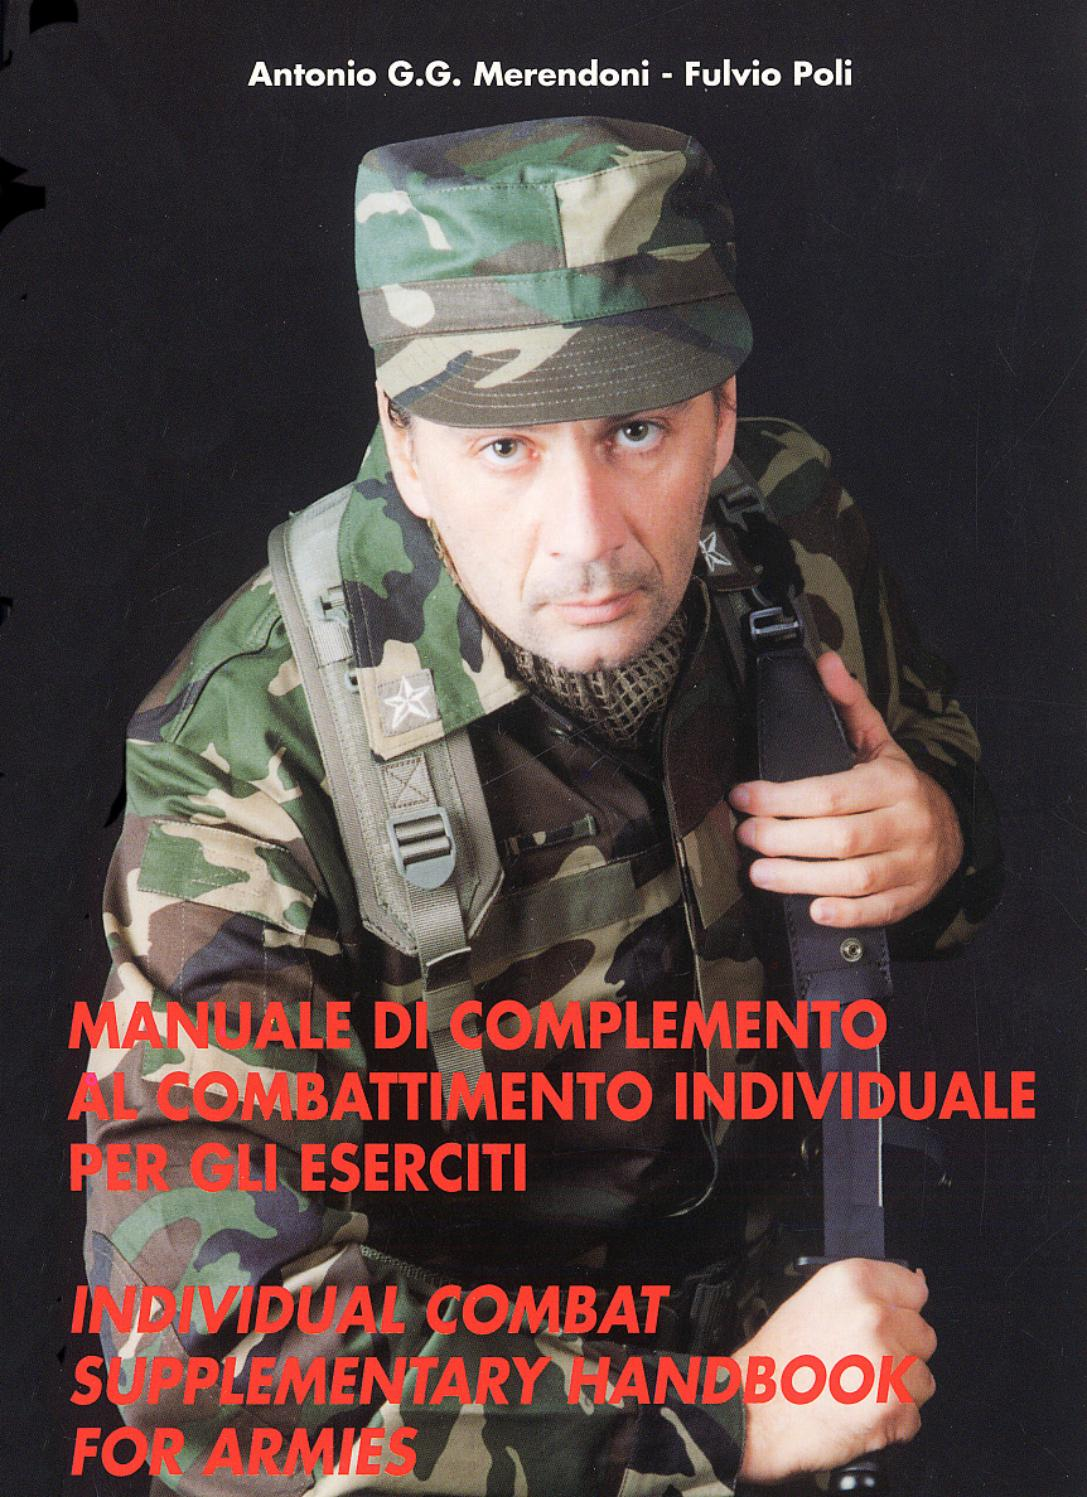 British Army Giacca//maglia 95 soldato esercito britannico